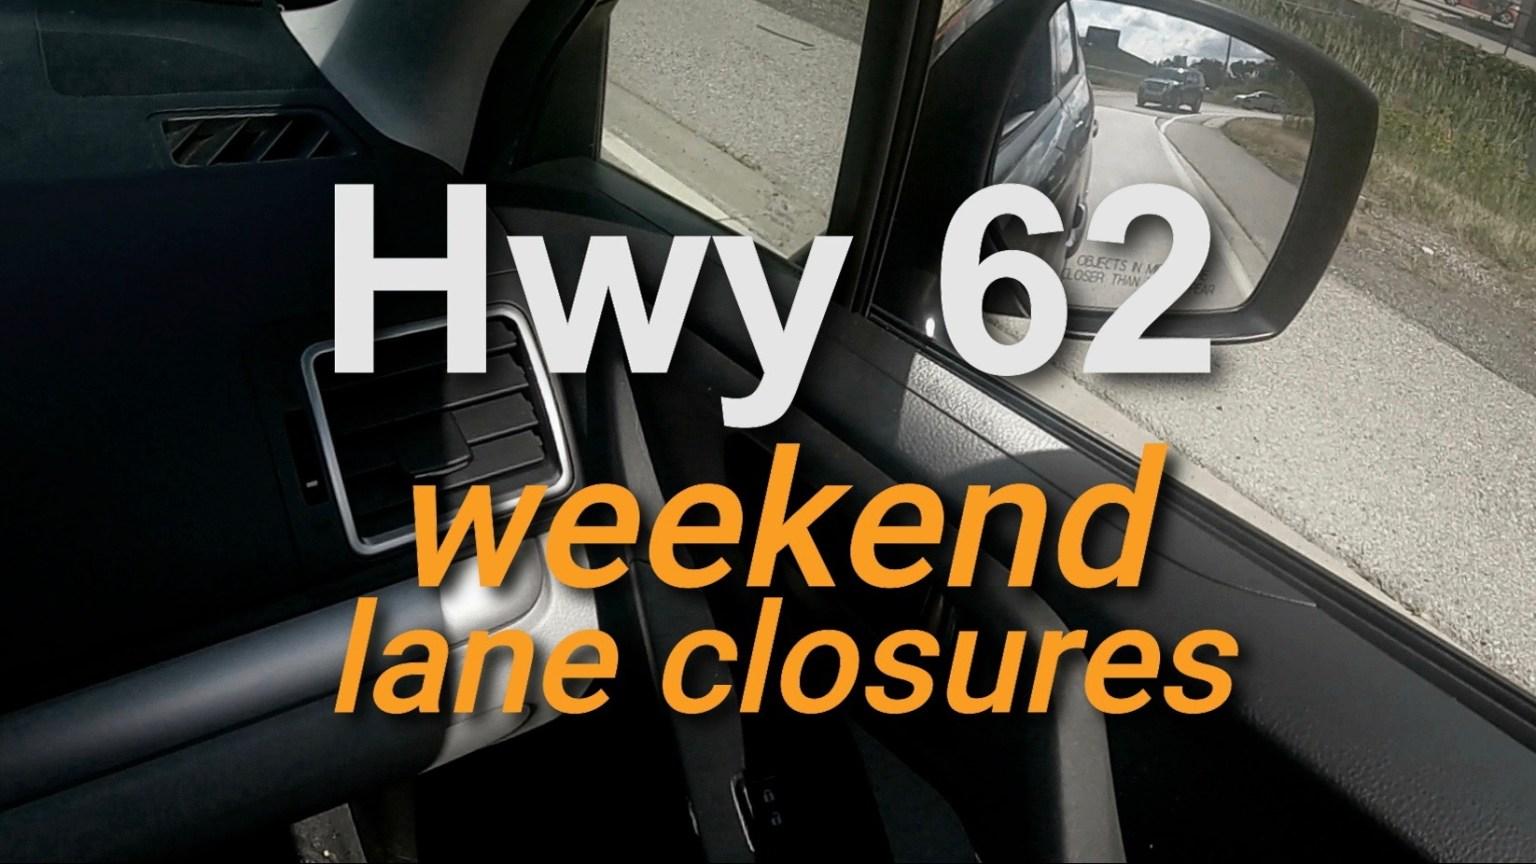 Graphic Hwy 62 weekend closures